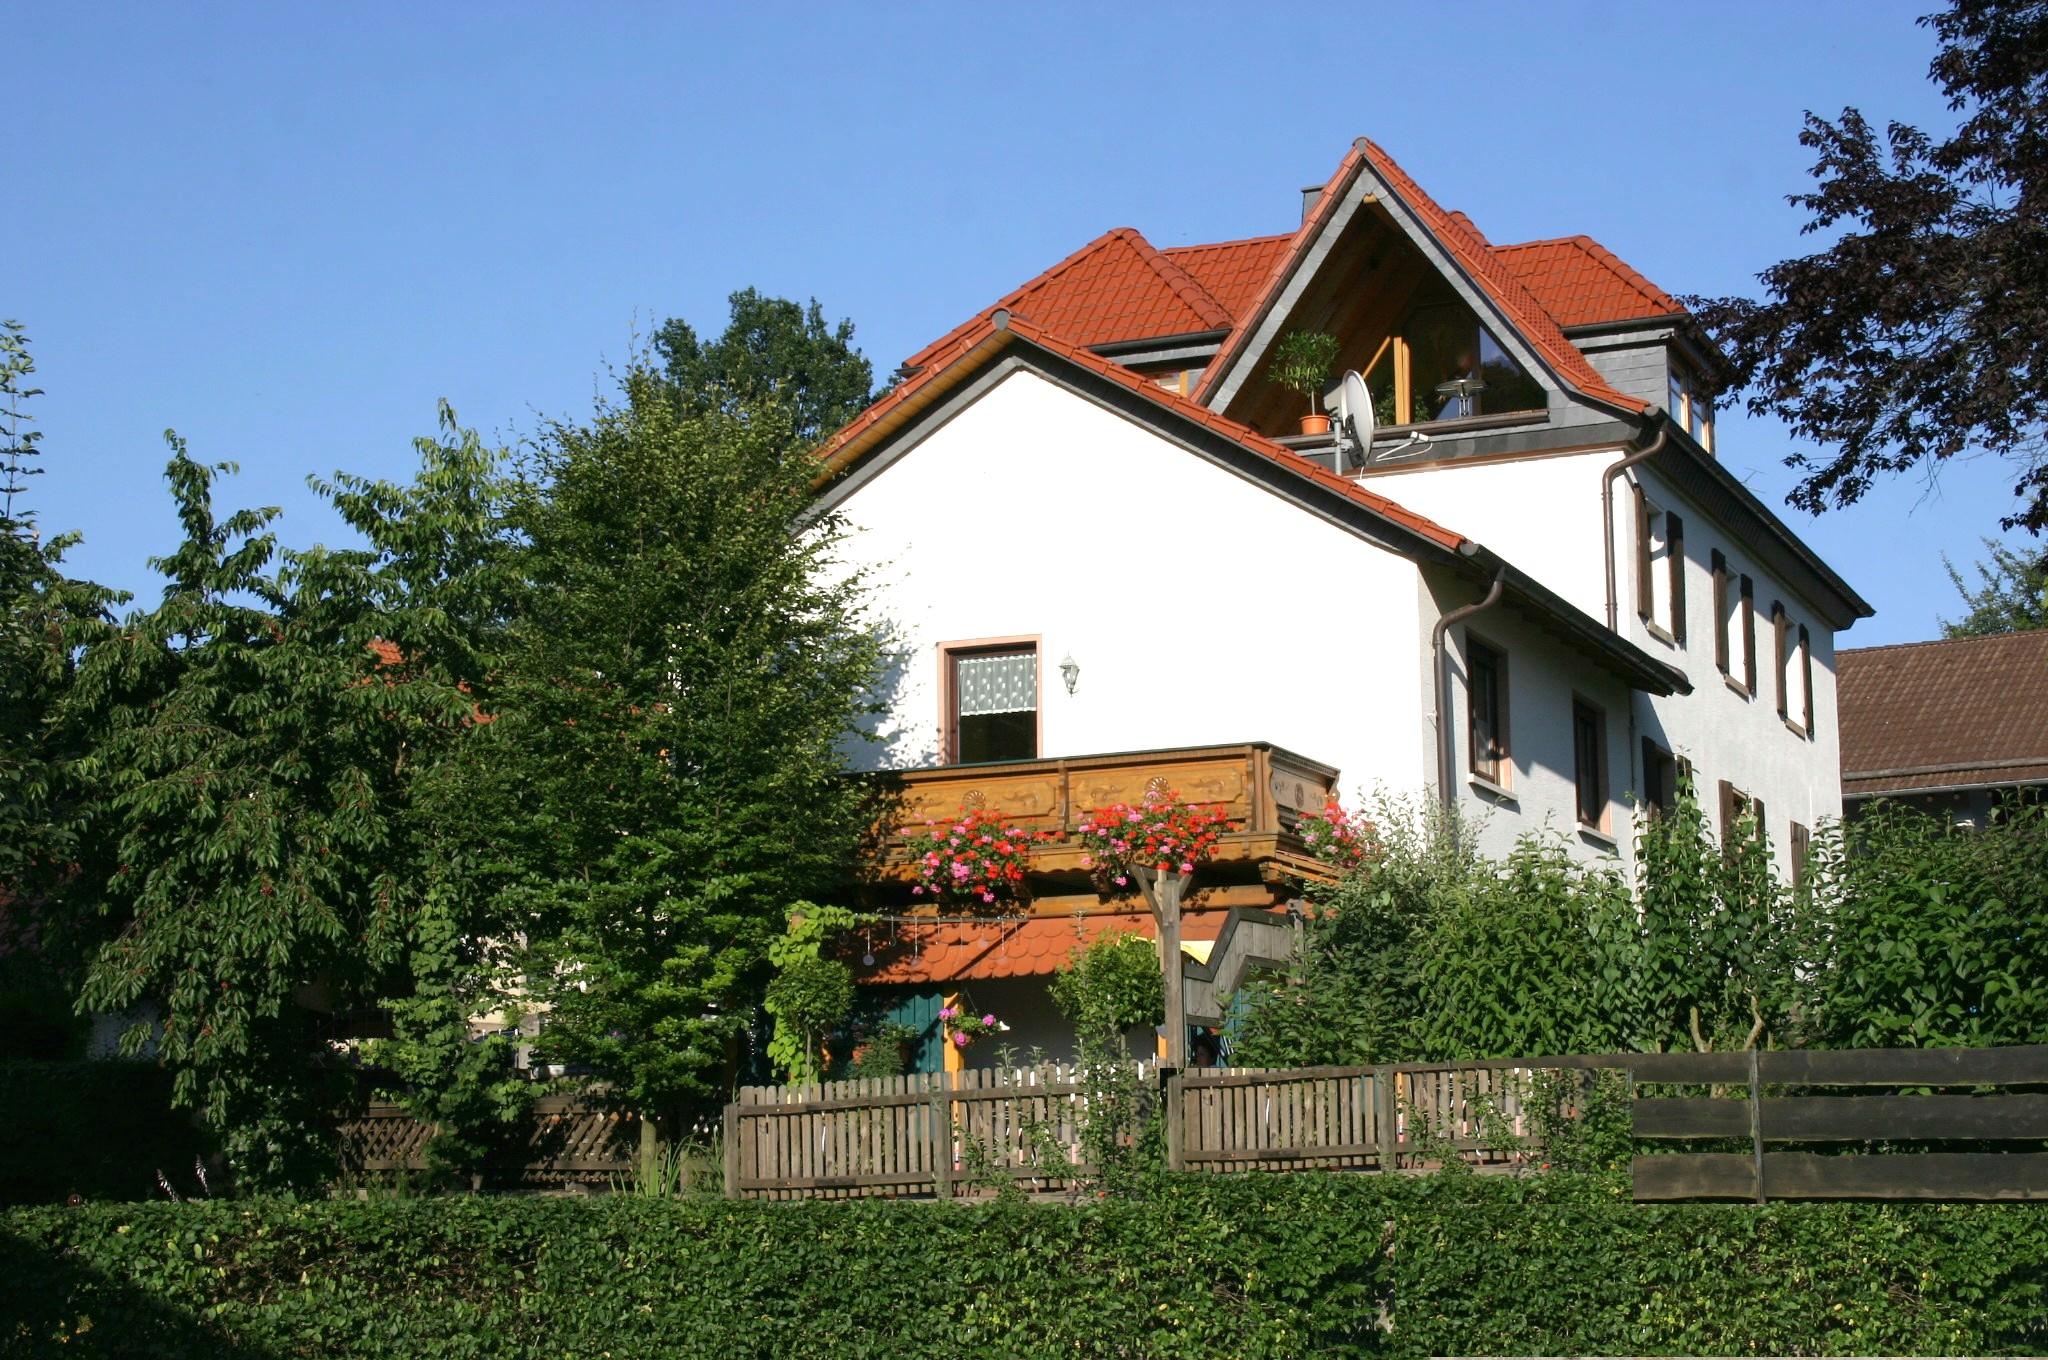 Ferienwohnungen & -Häuser - Poppenhausen / Wasserkuppe (DE)